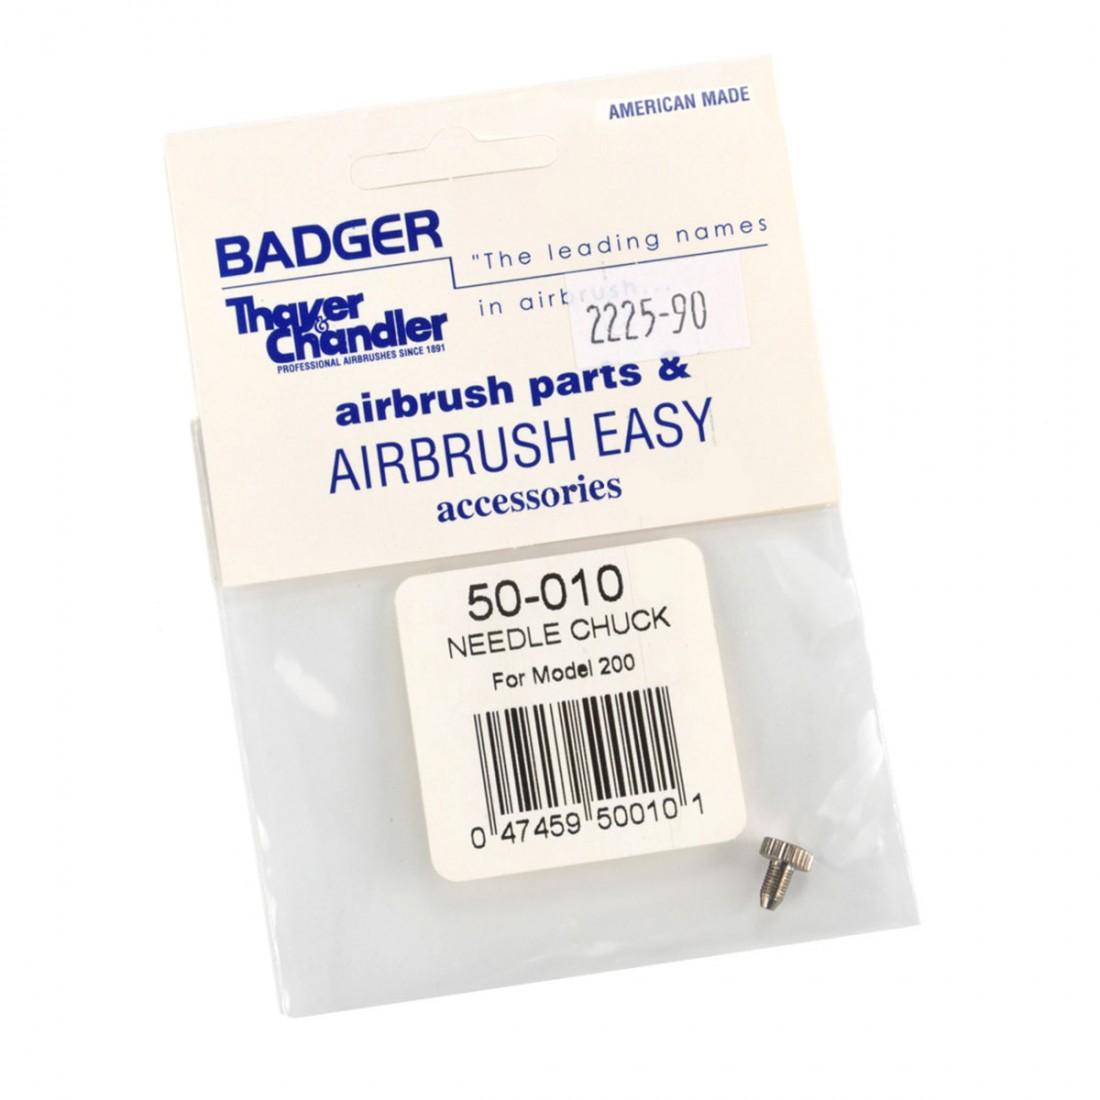 Badger 50-010